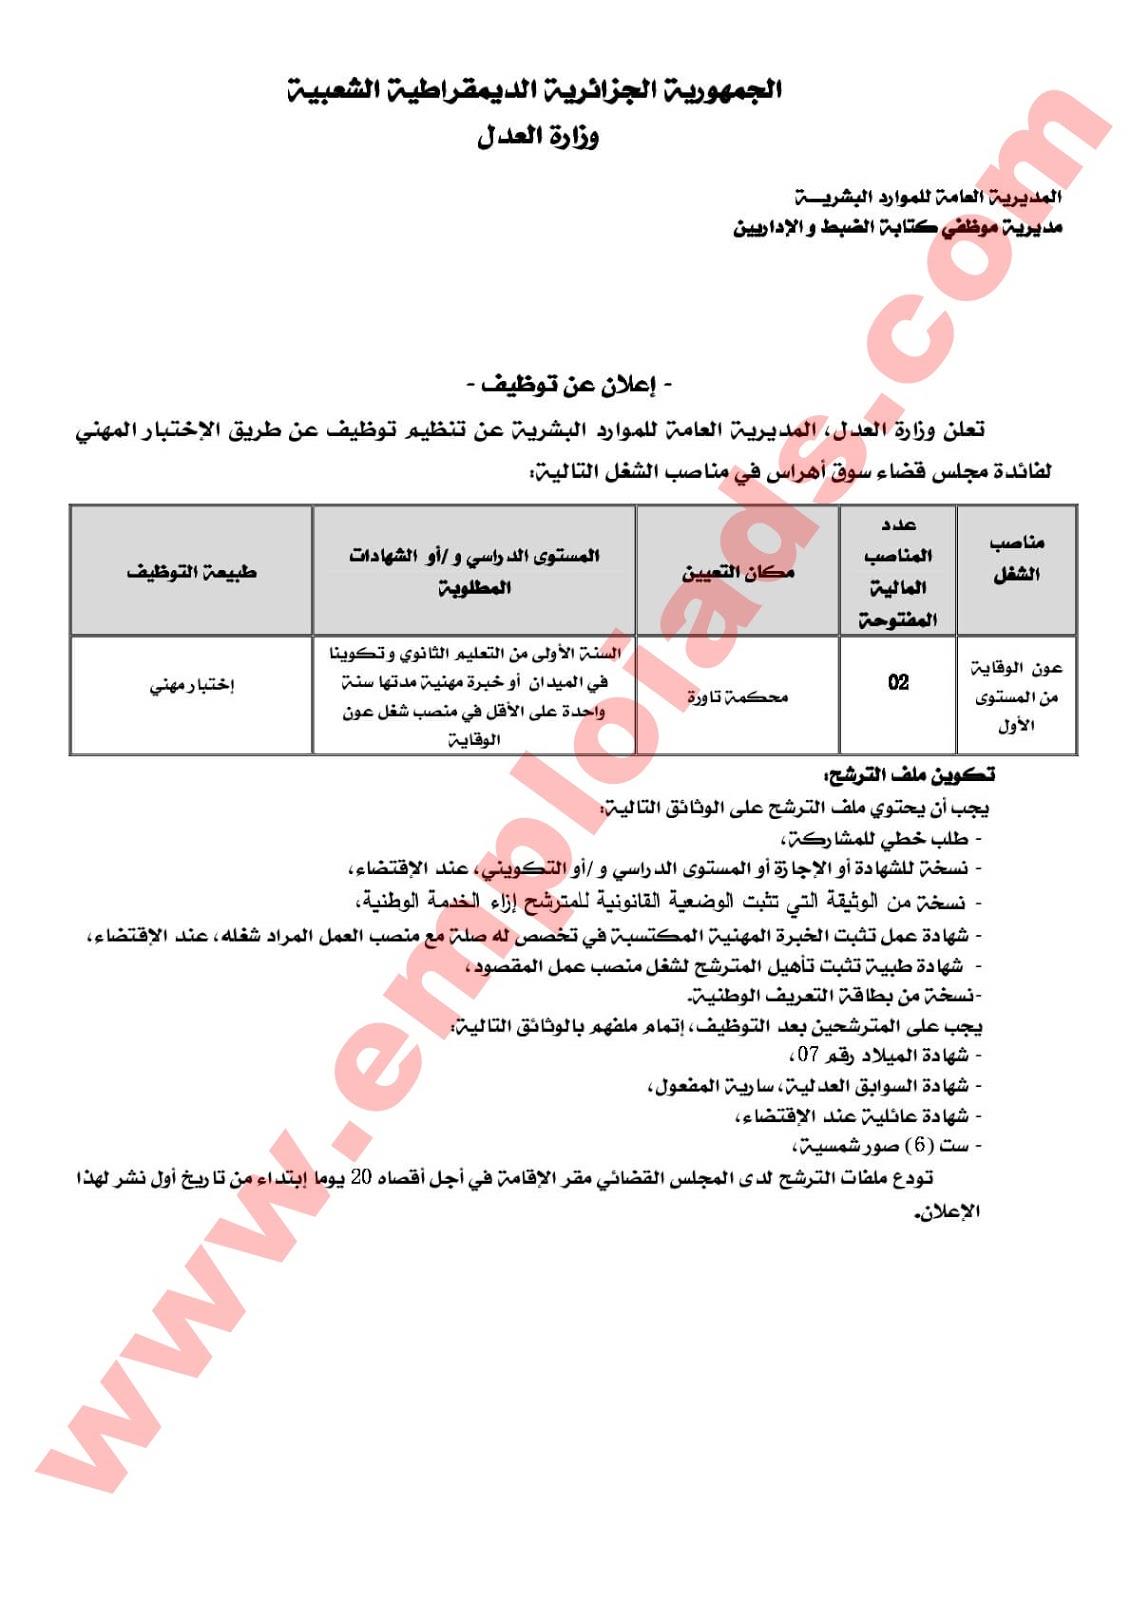 اعلان عن توظيف لفائدة مجلس القضاء لولاية سوق أهراس جانفي 2017